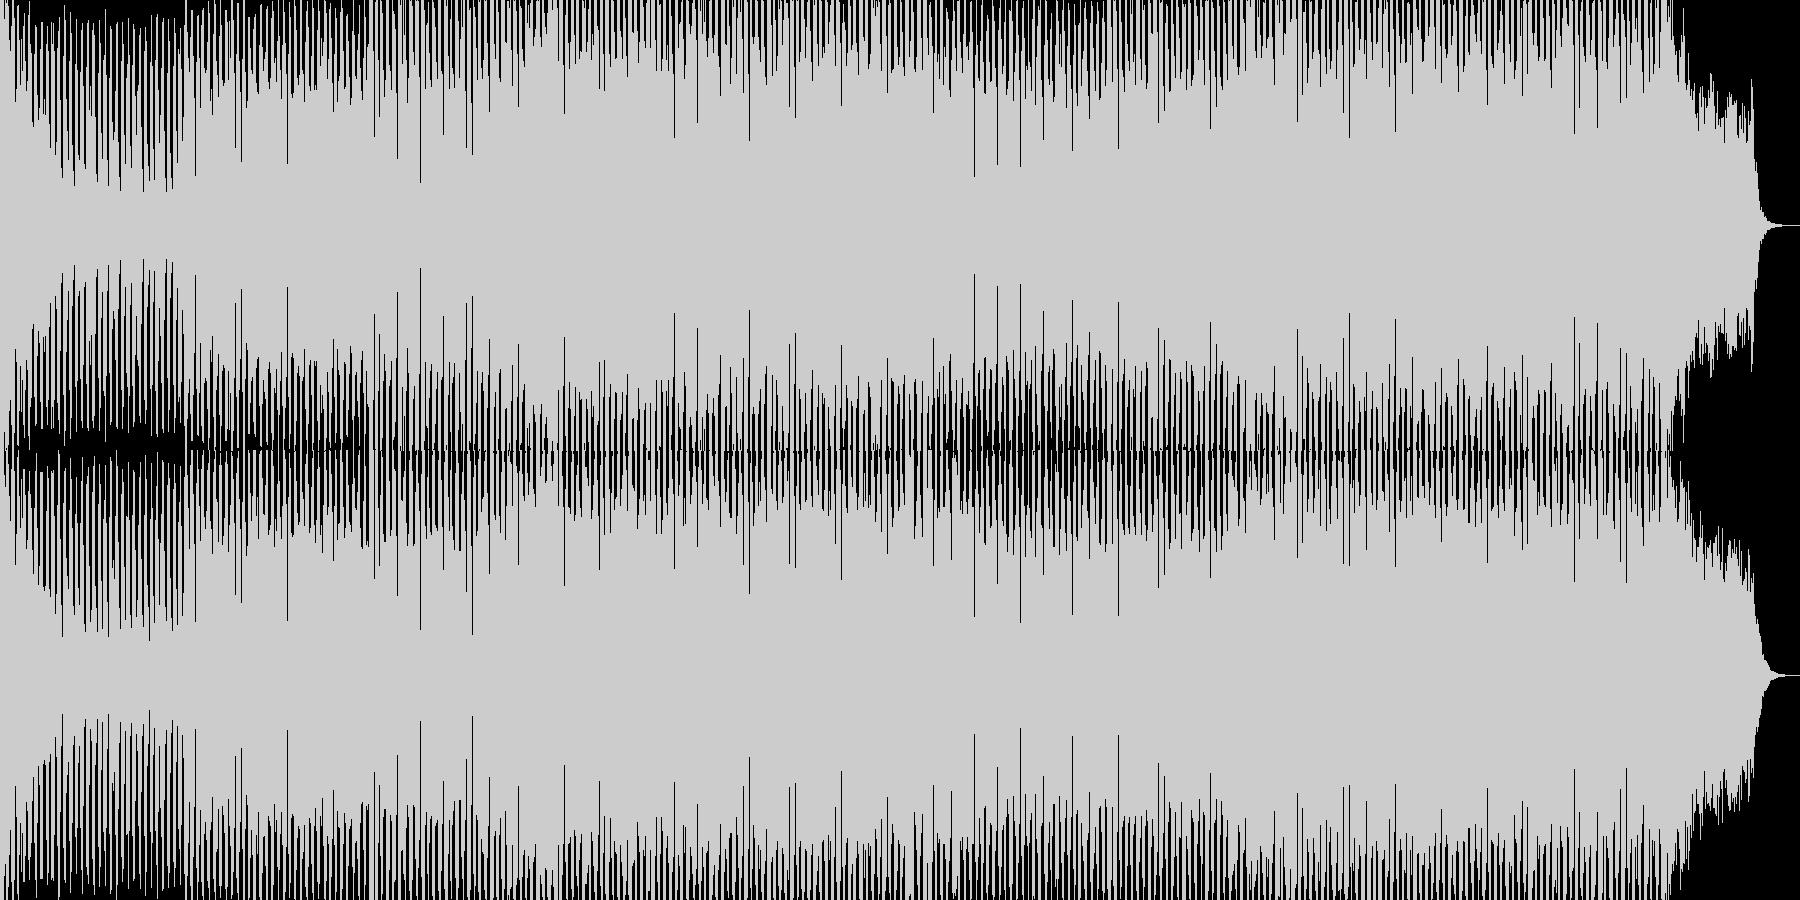 EDMクラブ系ダンスミュージック-113の未再生の波形